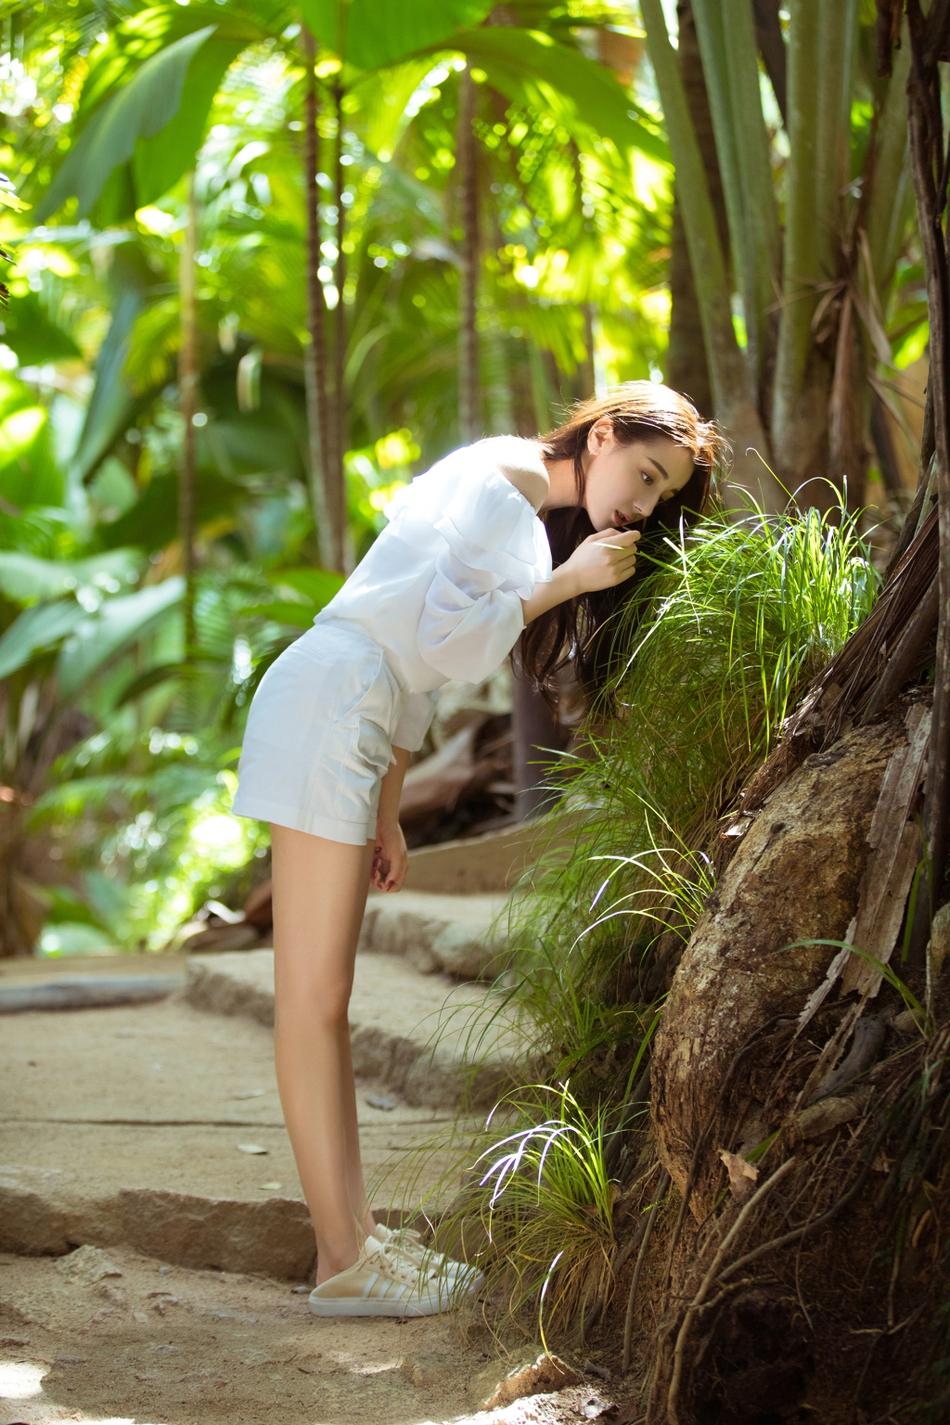 热巴漫步热带雨林 长发飘飘宛若小精灵 风格偶像 图1